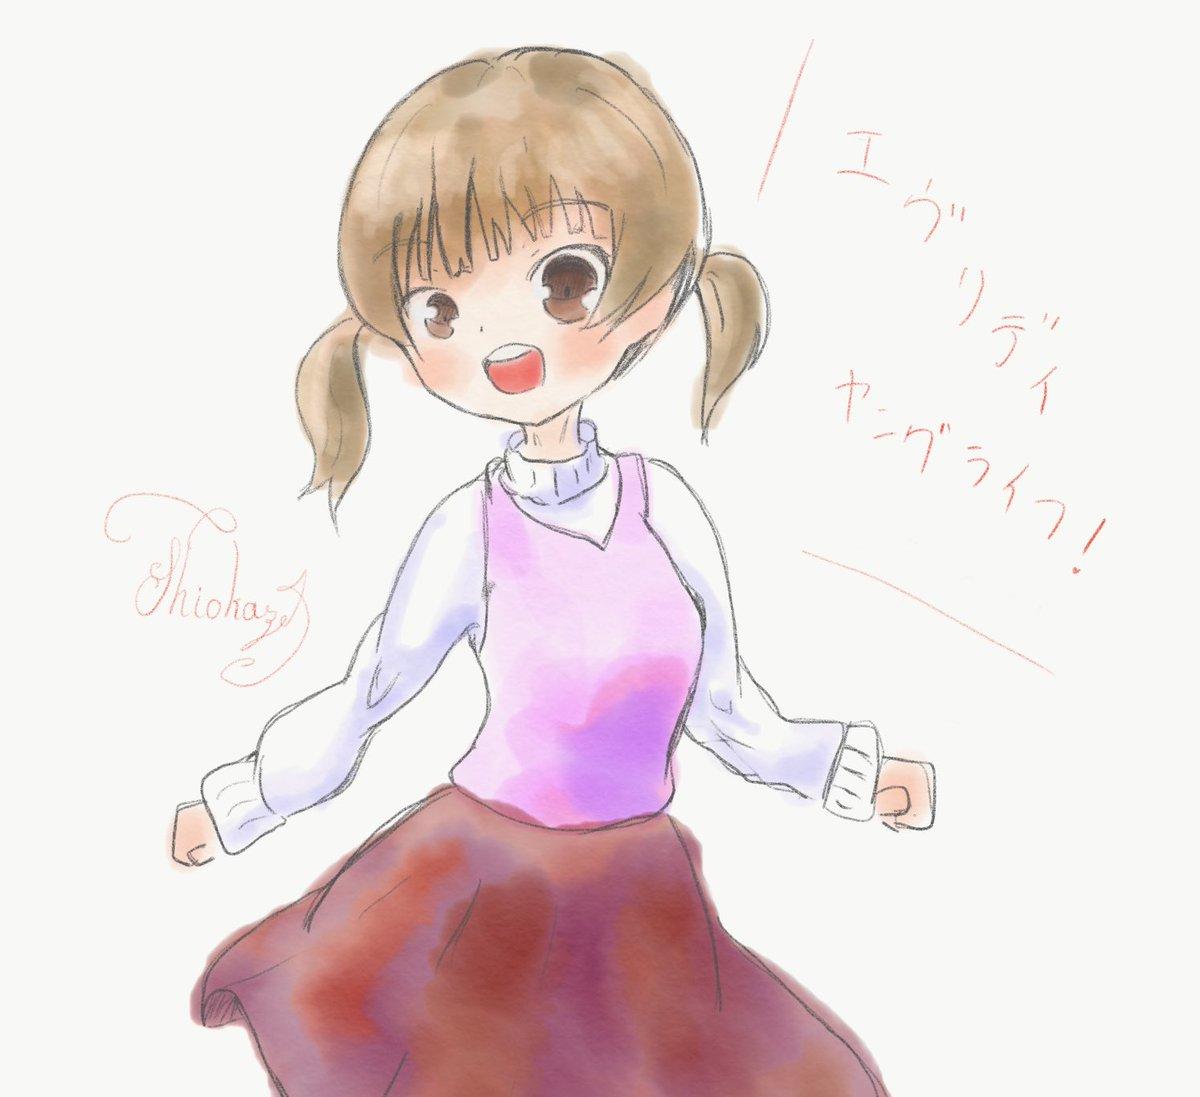 ペルソナ4の菜々子ちゃんです!!